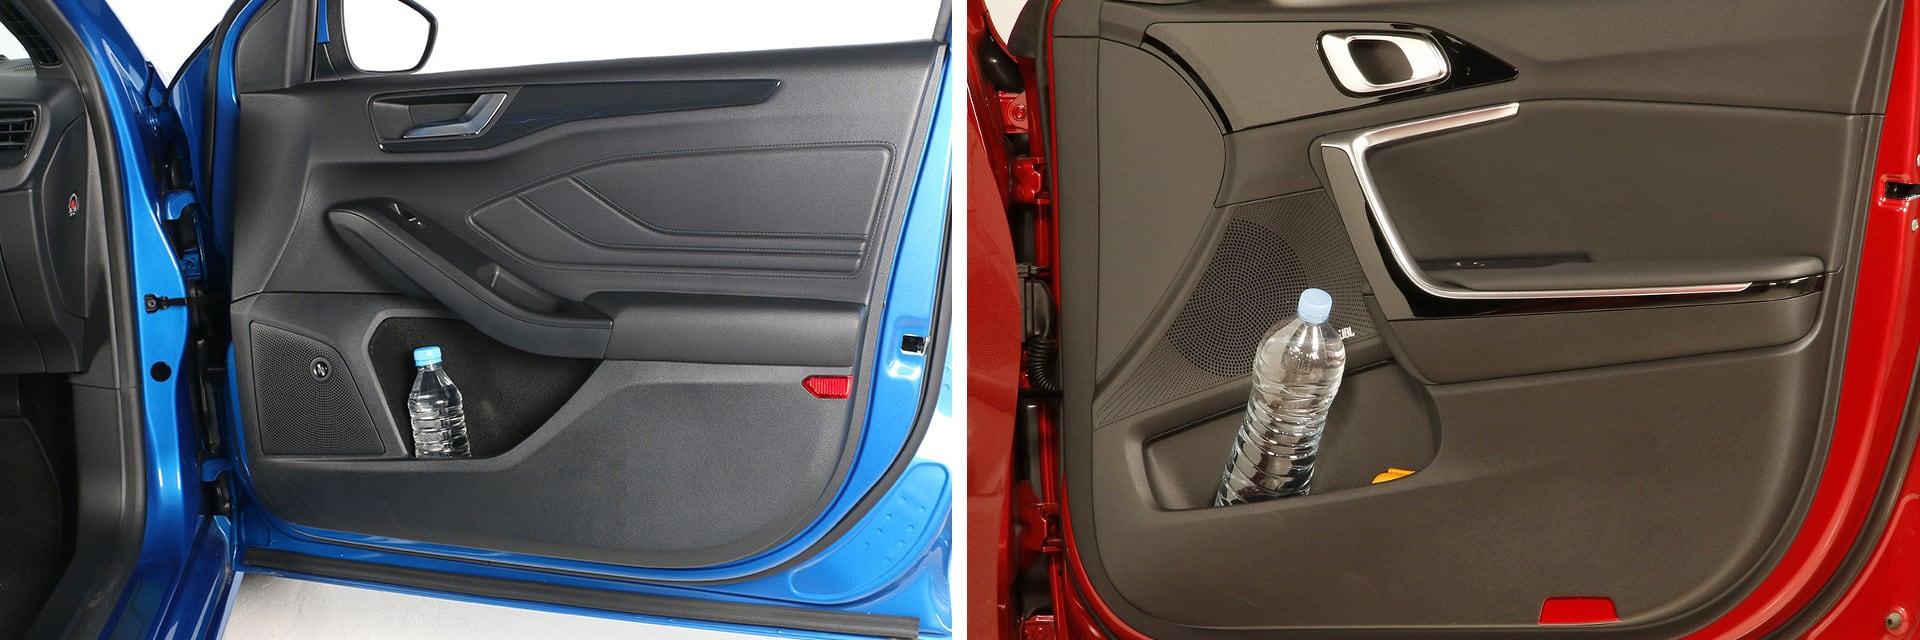 Las puertas delanteras de ambos coches tienen bolsillos donde caben botellas de pequeño tamaño y algún objeto más.